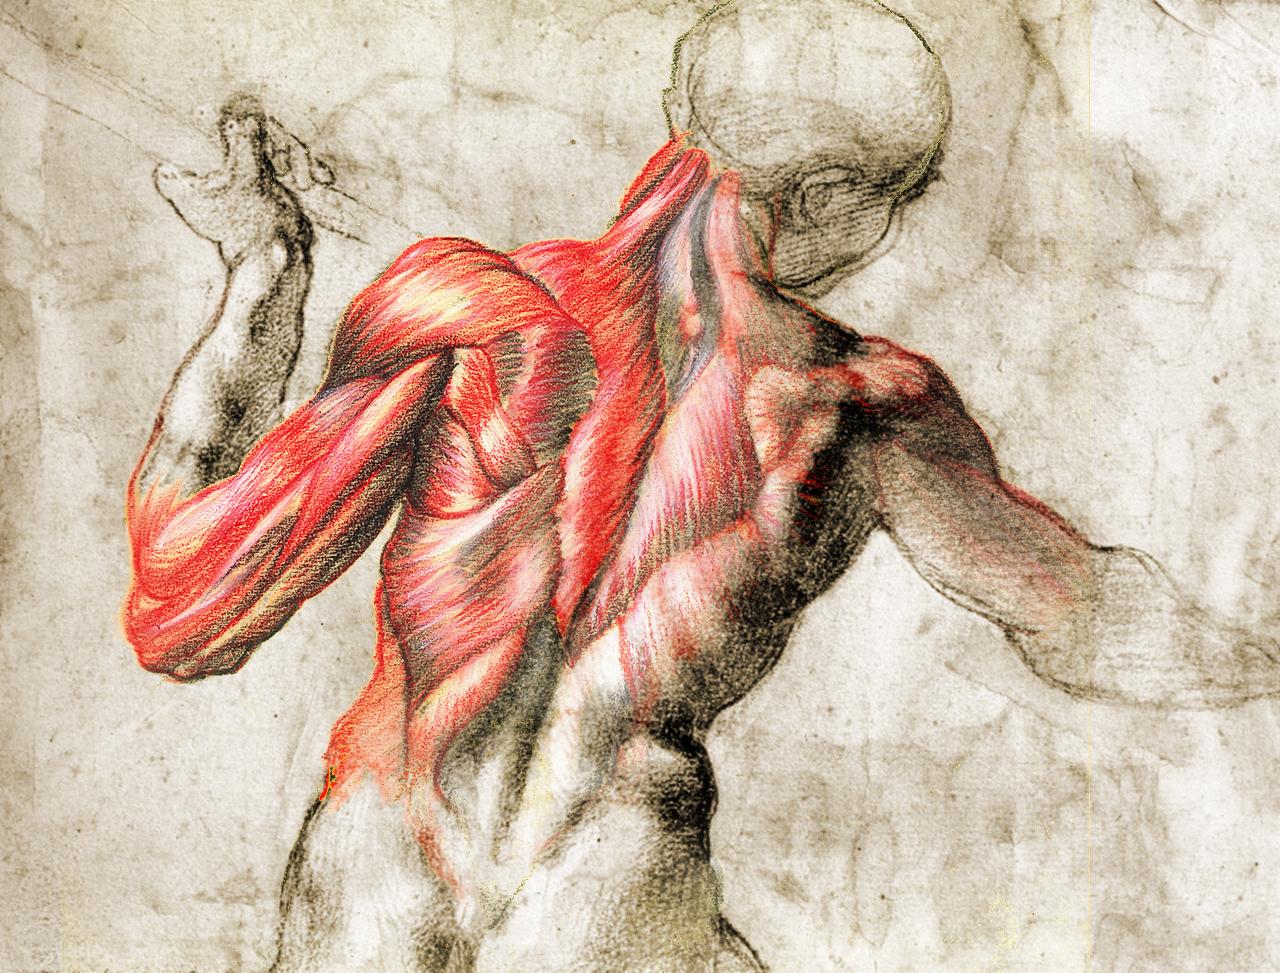 Dibujo clásico de la musculatura de la espalda.